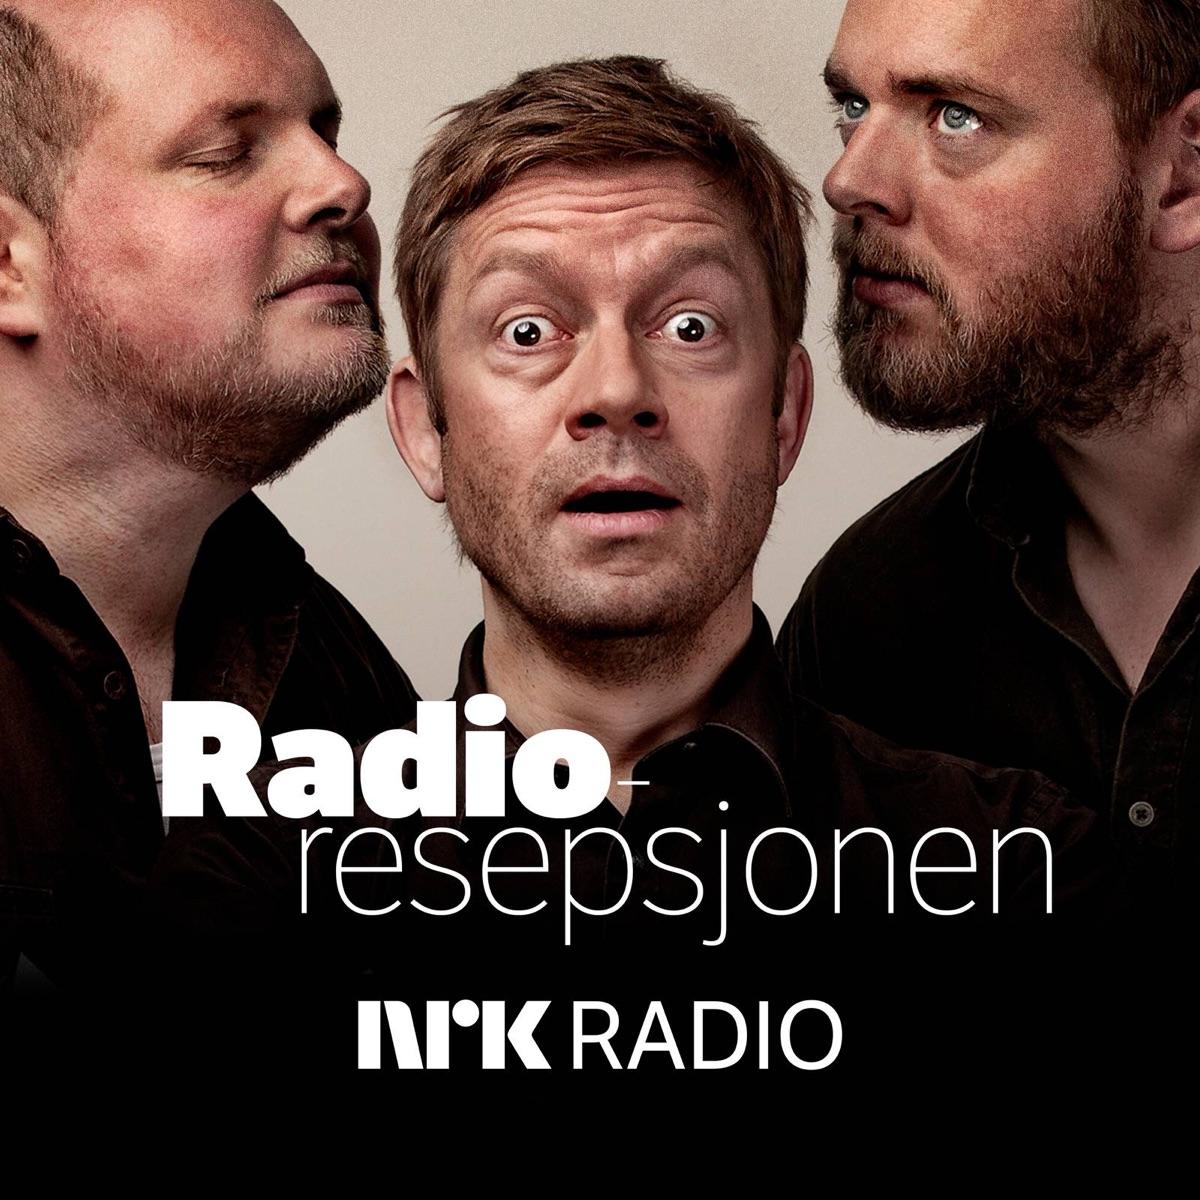 19.11.2015 Radioresepsjonen